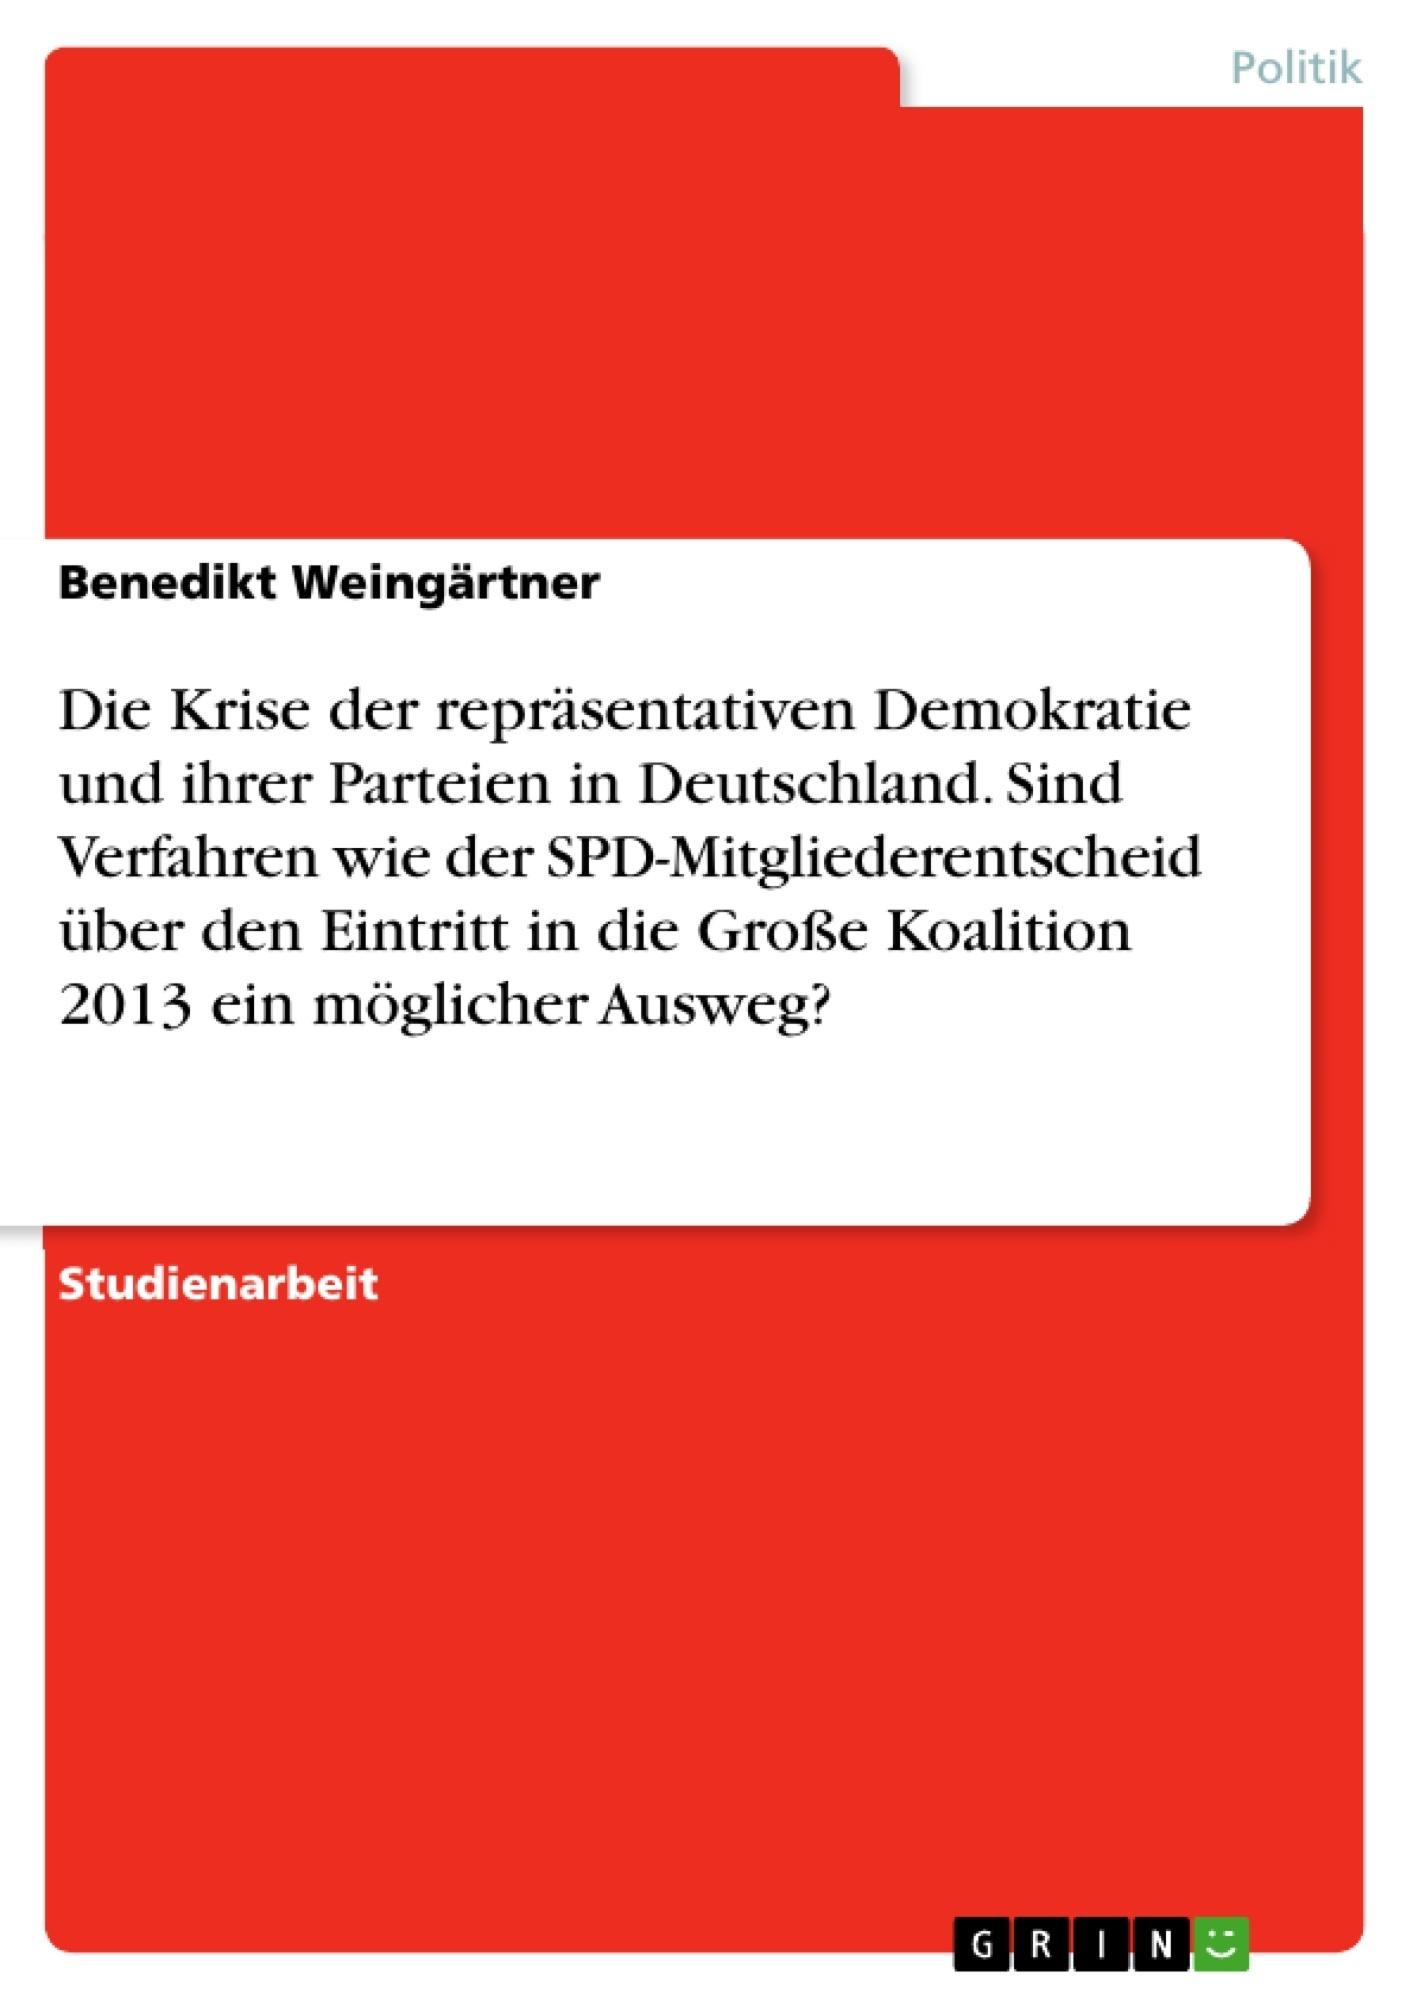 Titel: Die Krise der repräsentativen Demokratie und ihrer Parteien in Deutschland. Sind Verfahren wie der SPD-Mitgliederentscheid über den Eintritt in die Große Koalition 2013 ein möglicher Ausweg?